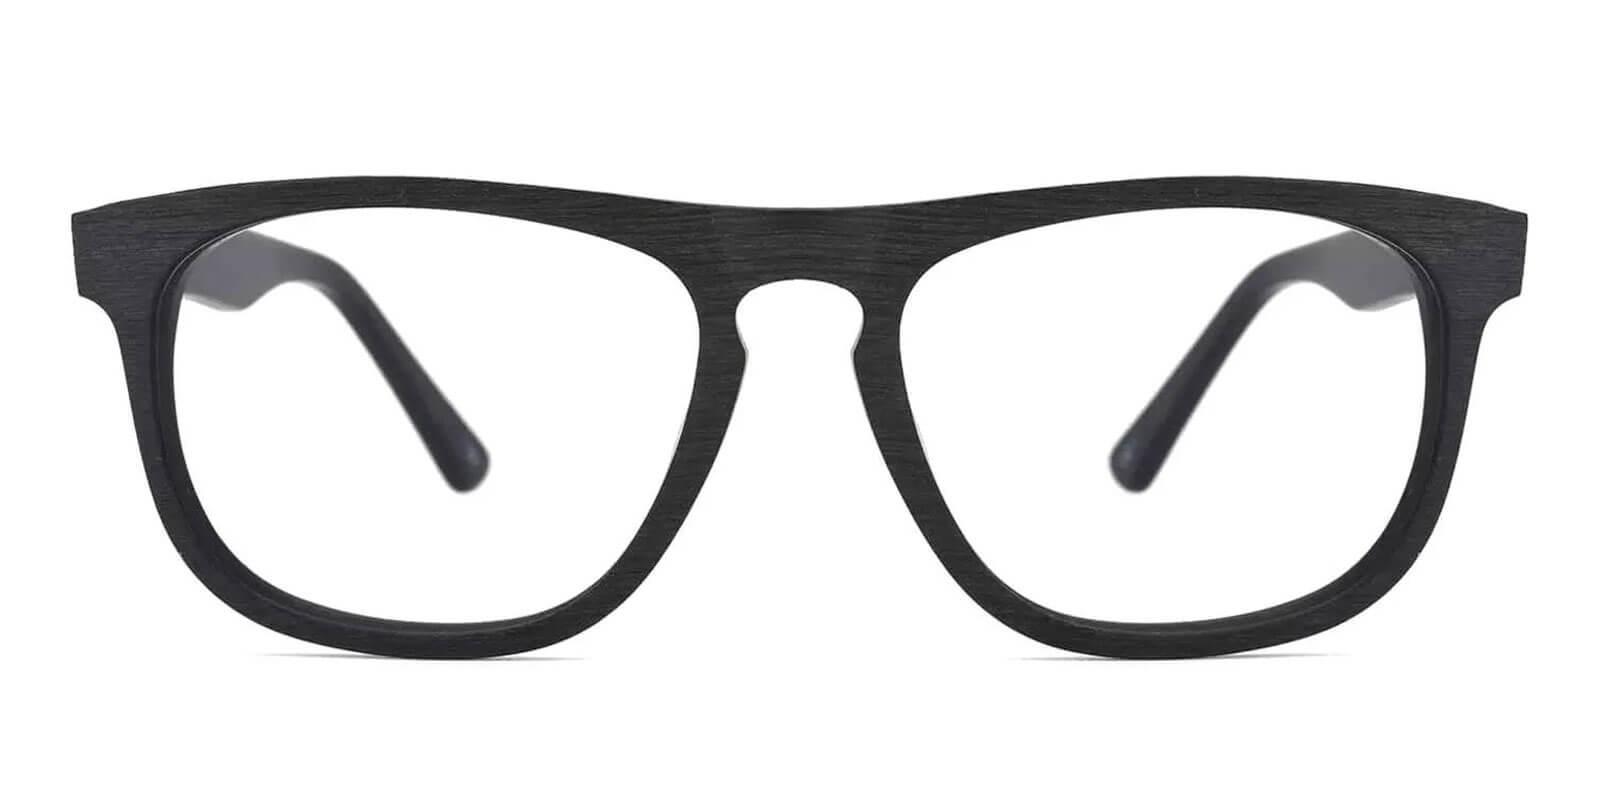 Readsboro Black Acetate Eyeglasses , UniversalBridgeFit Frames from ABBE Glasses